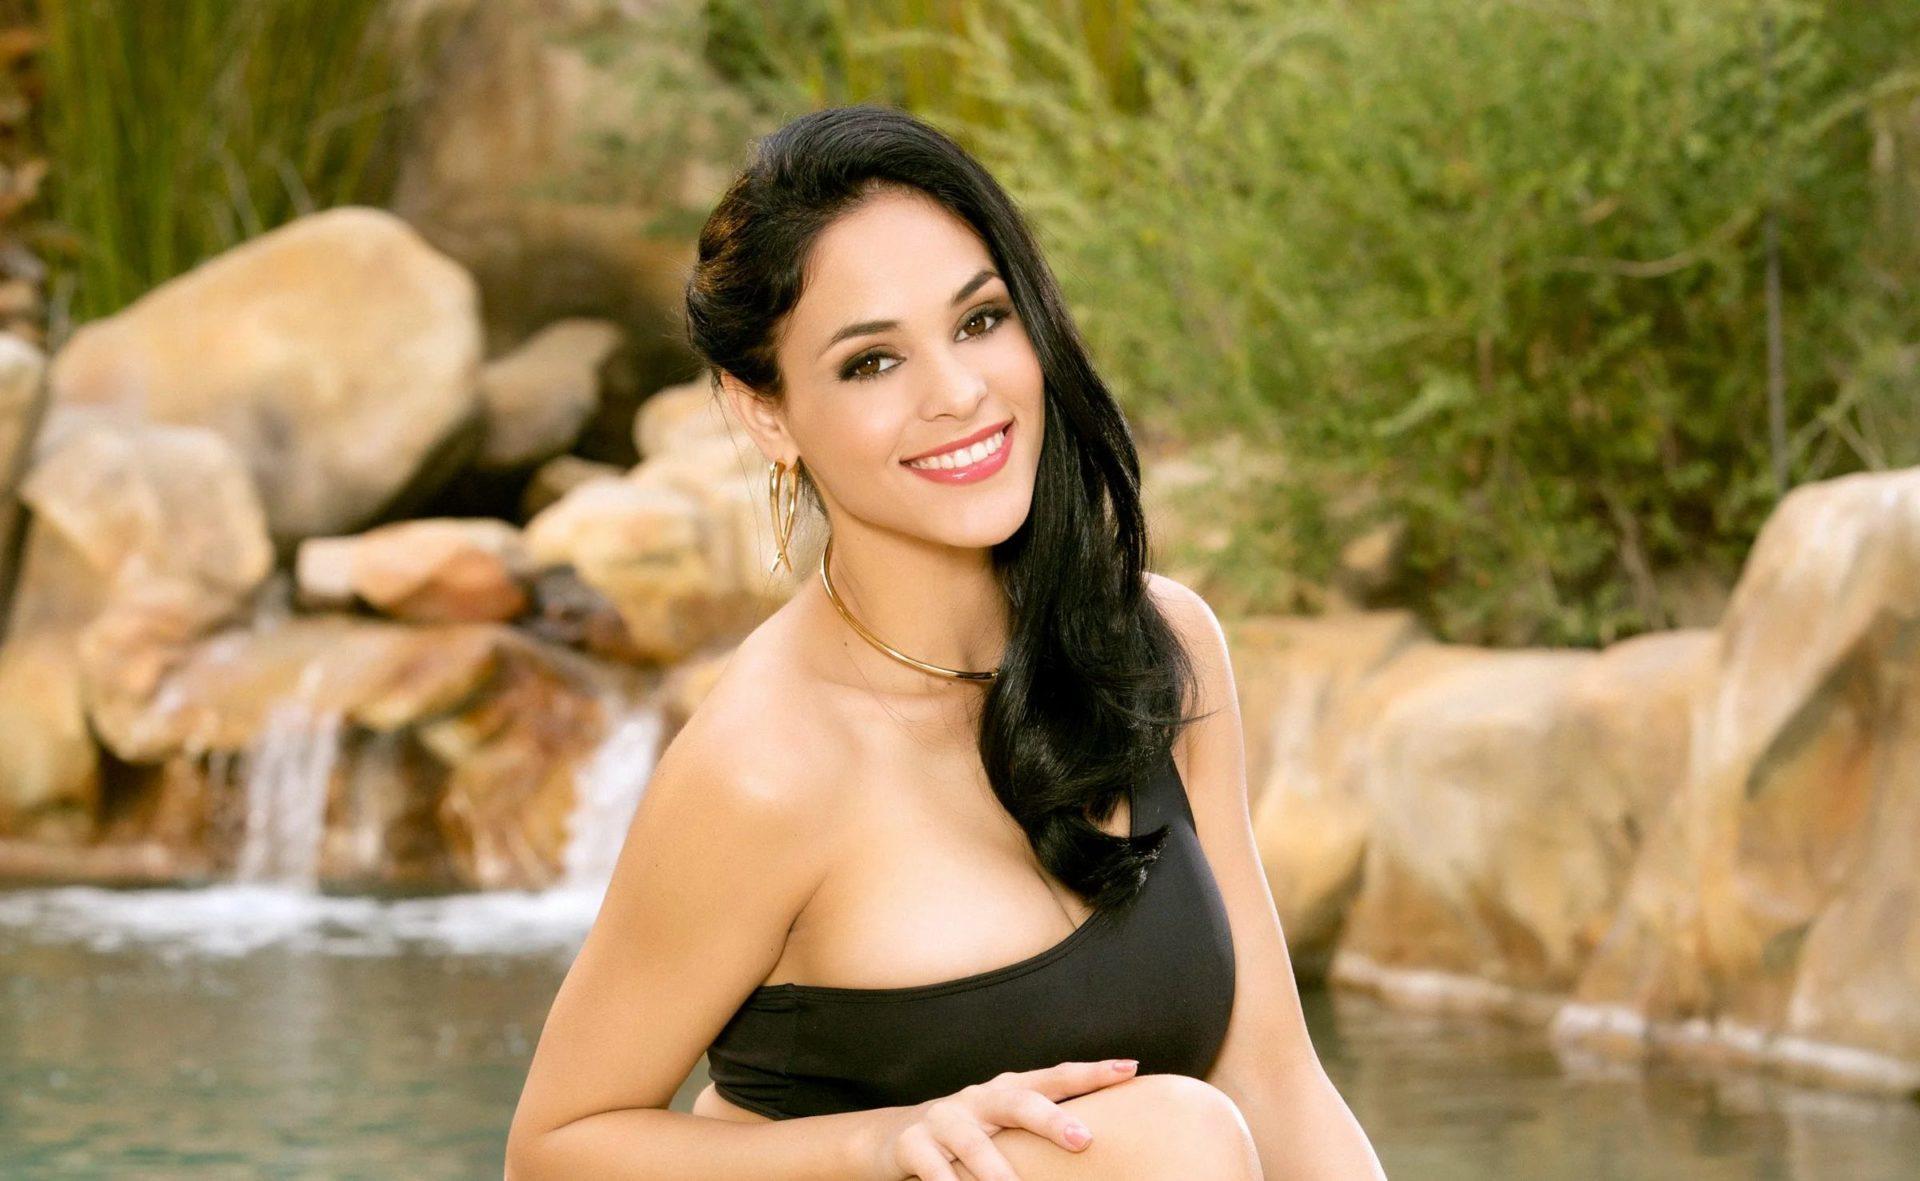 Самые красивые порно актрисы латина, ебля видео для моб тел